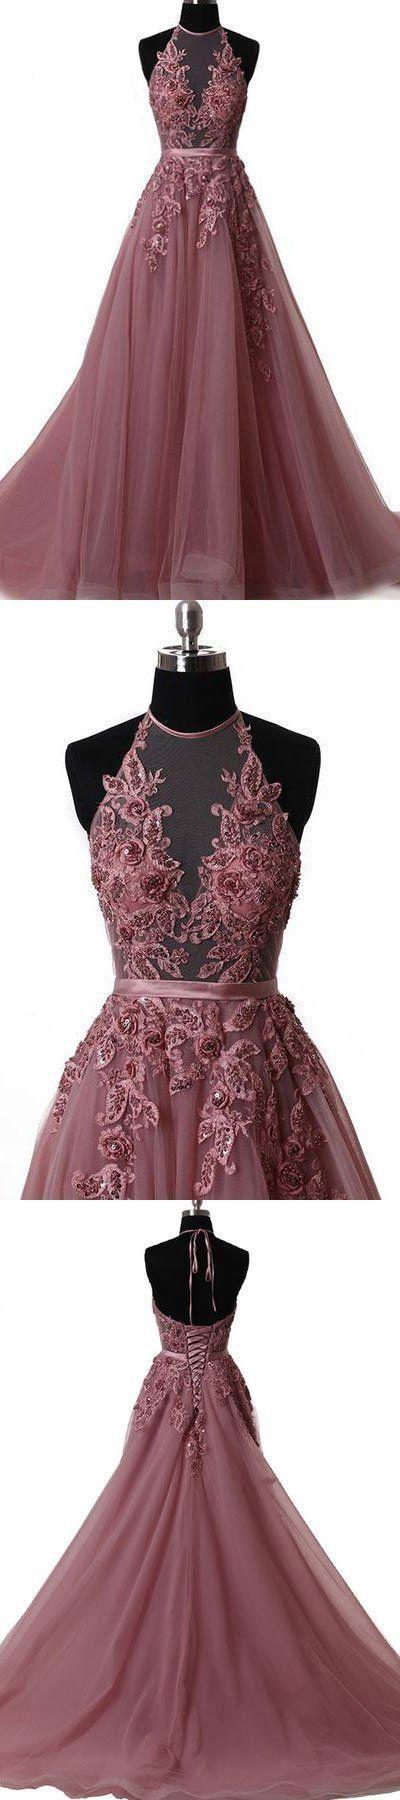 Unique tulle lace applique long prom dress, tulle evening dress c887 #spitzeapplique